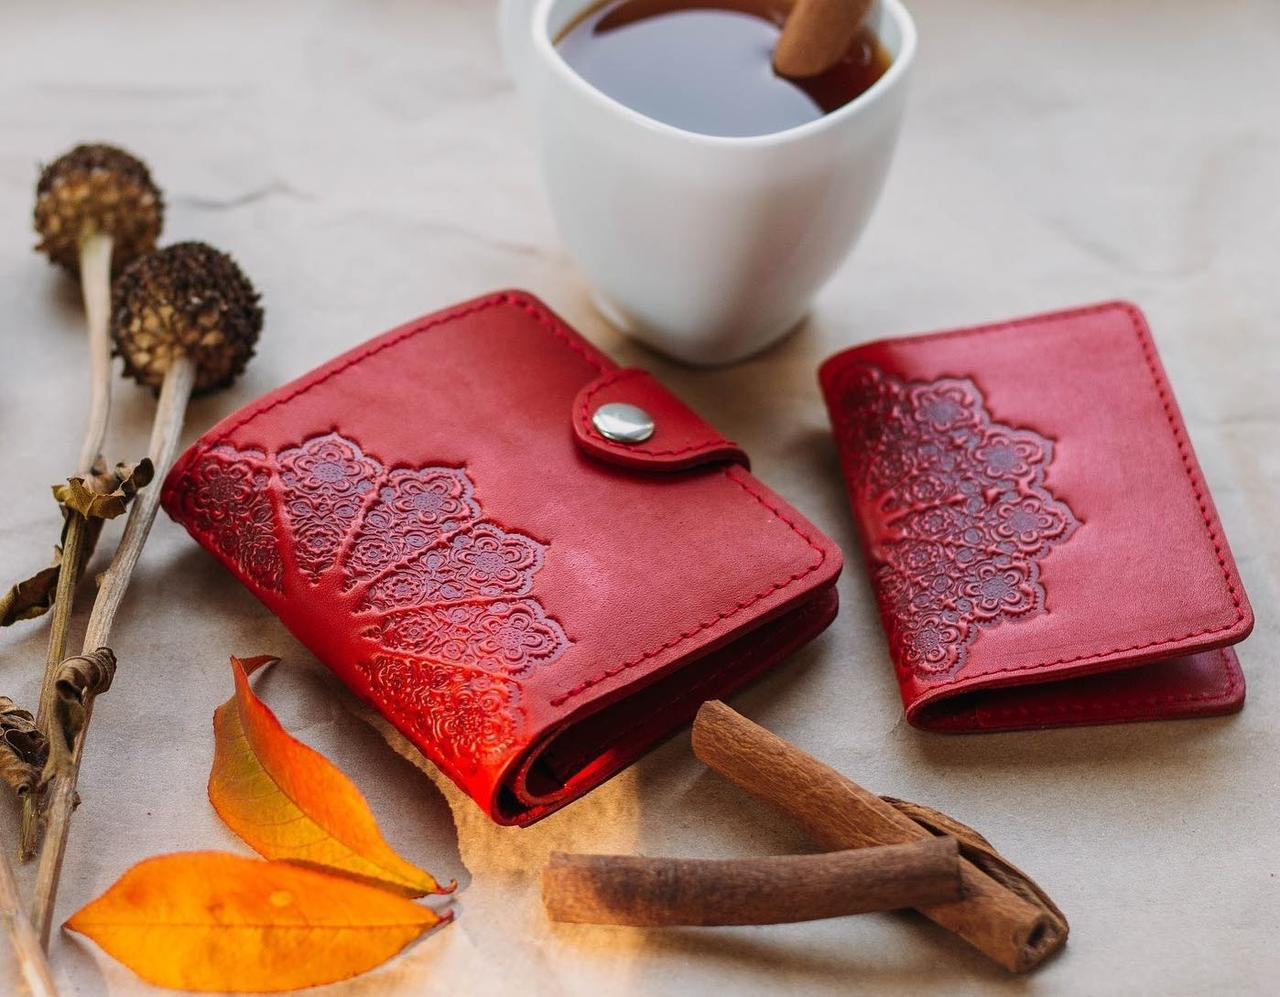 Маленький кожаный кошелек женский Солнце красный, Восточный узор, Цветы Подсолнух Петриковка Птицы Коты